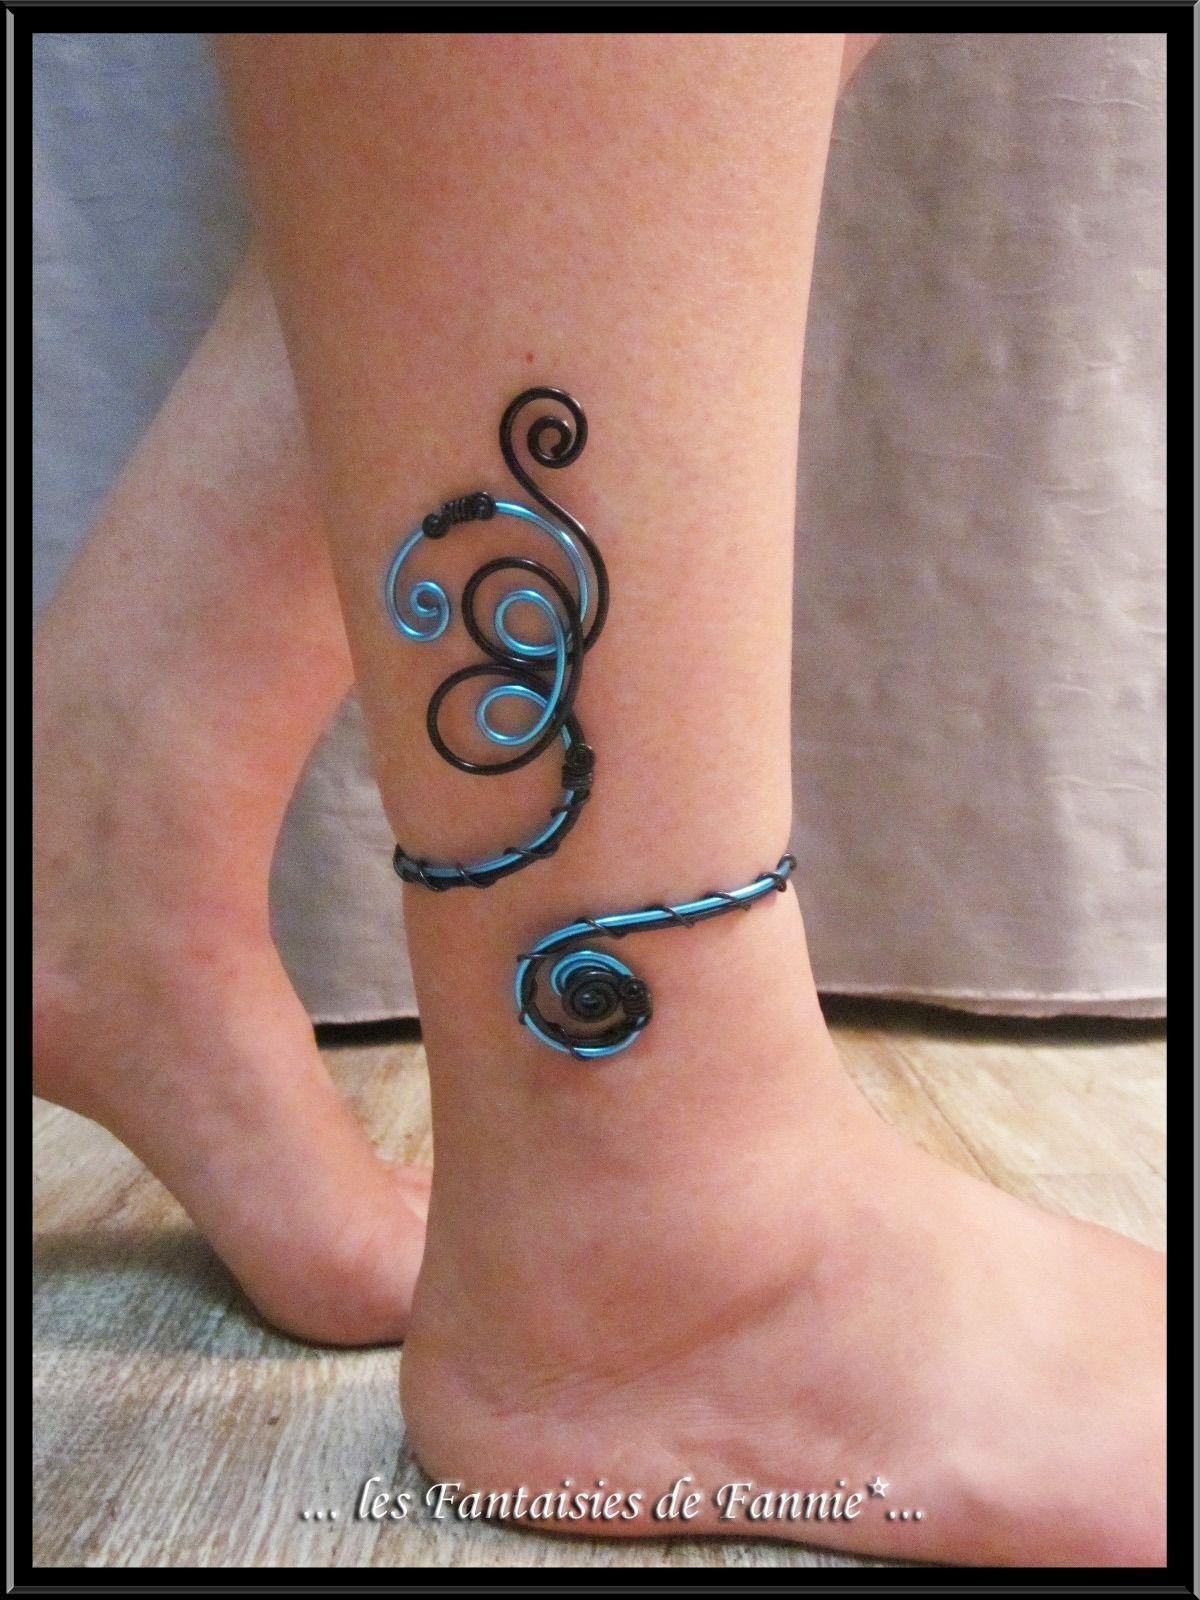 bracelet cheville design alu bleu et noir ajustable bracelet par les fantaisies de fannie. Black Bedroom Furniture Sets. Home Design Ideas